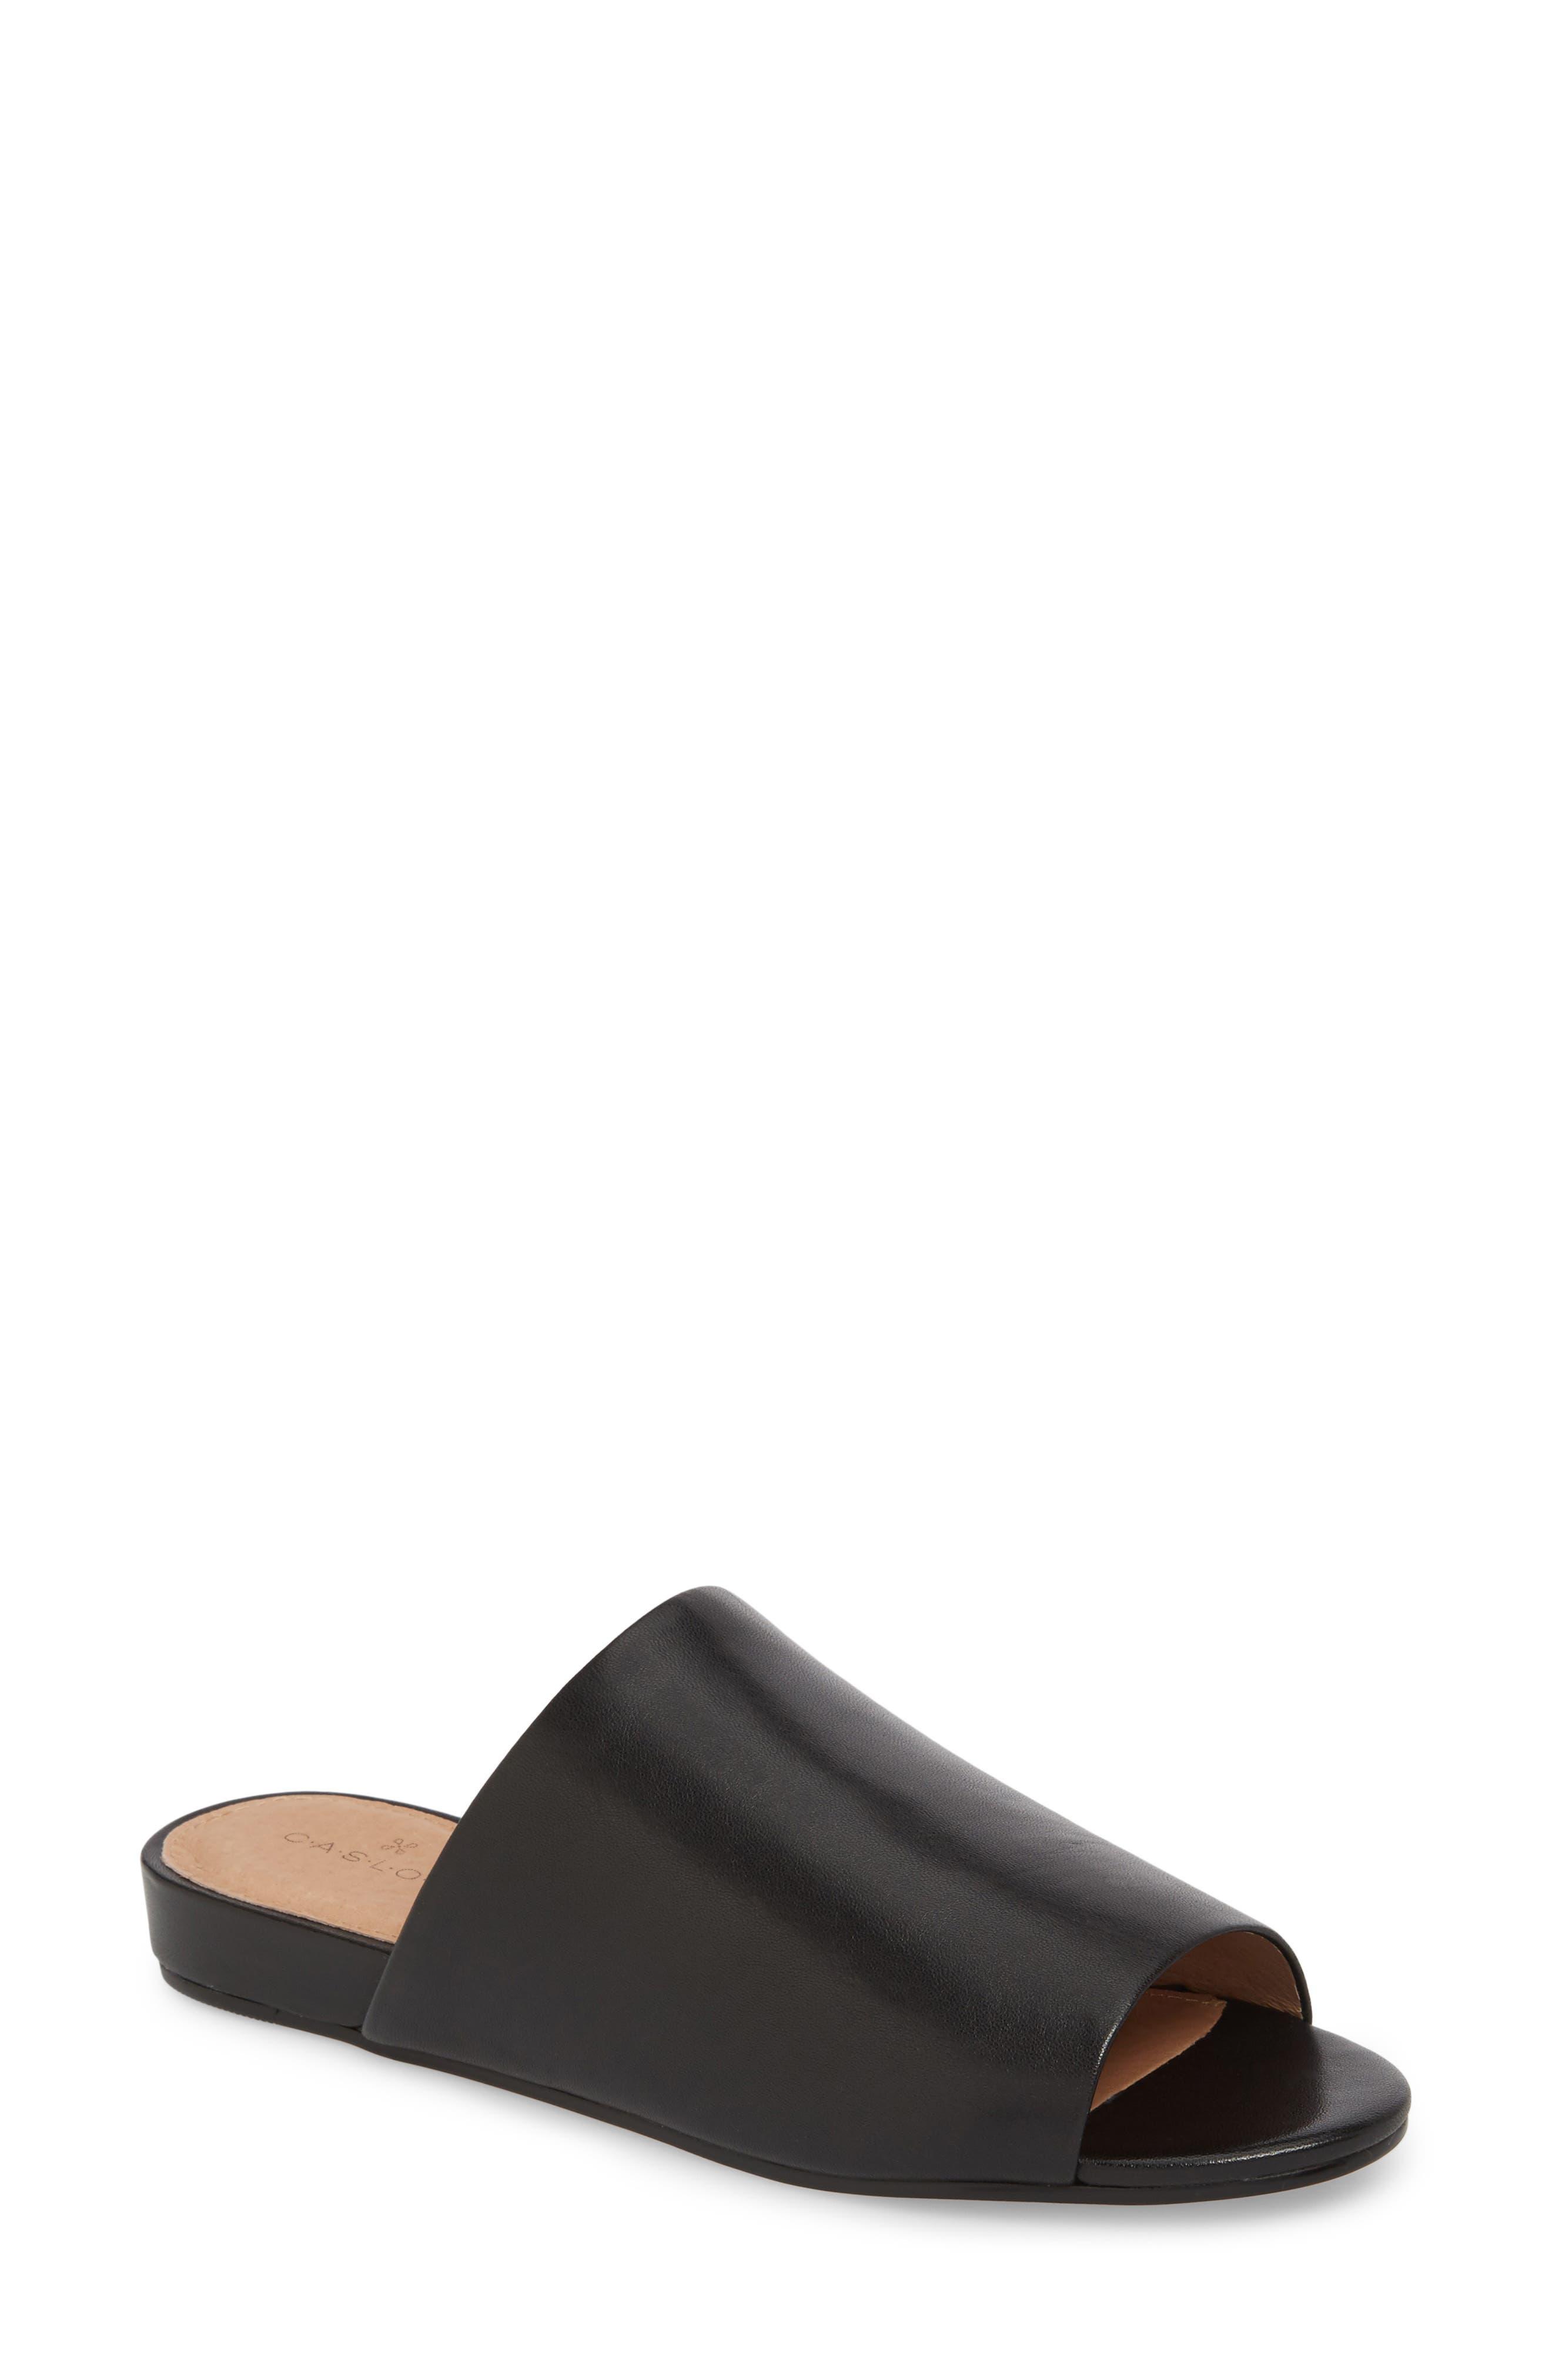 Kiana Slide Sandal,                         Main,                         color, 001